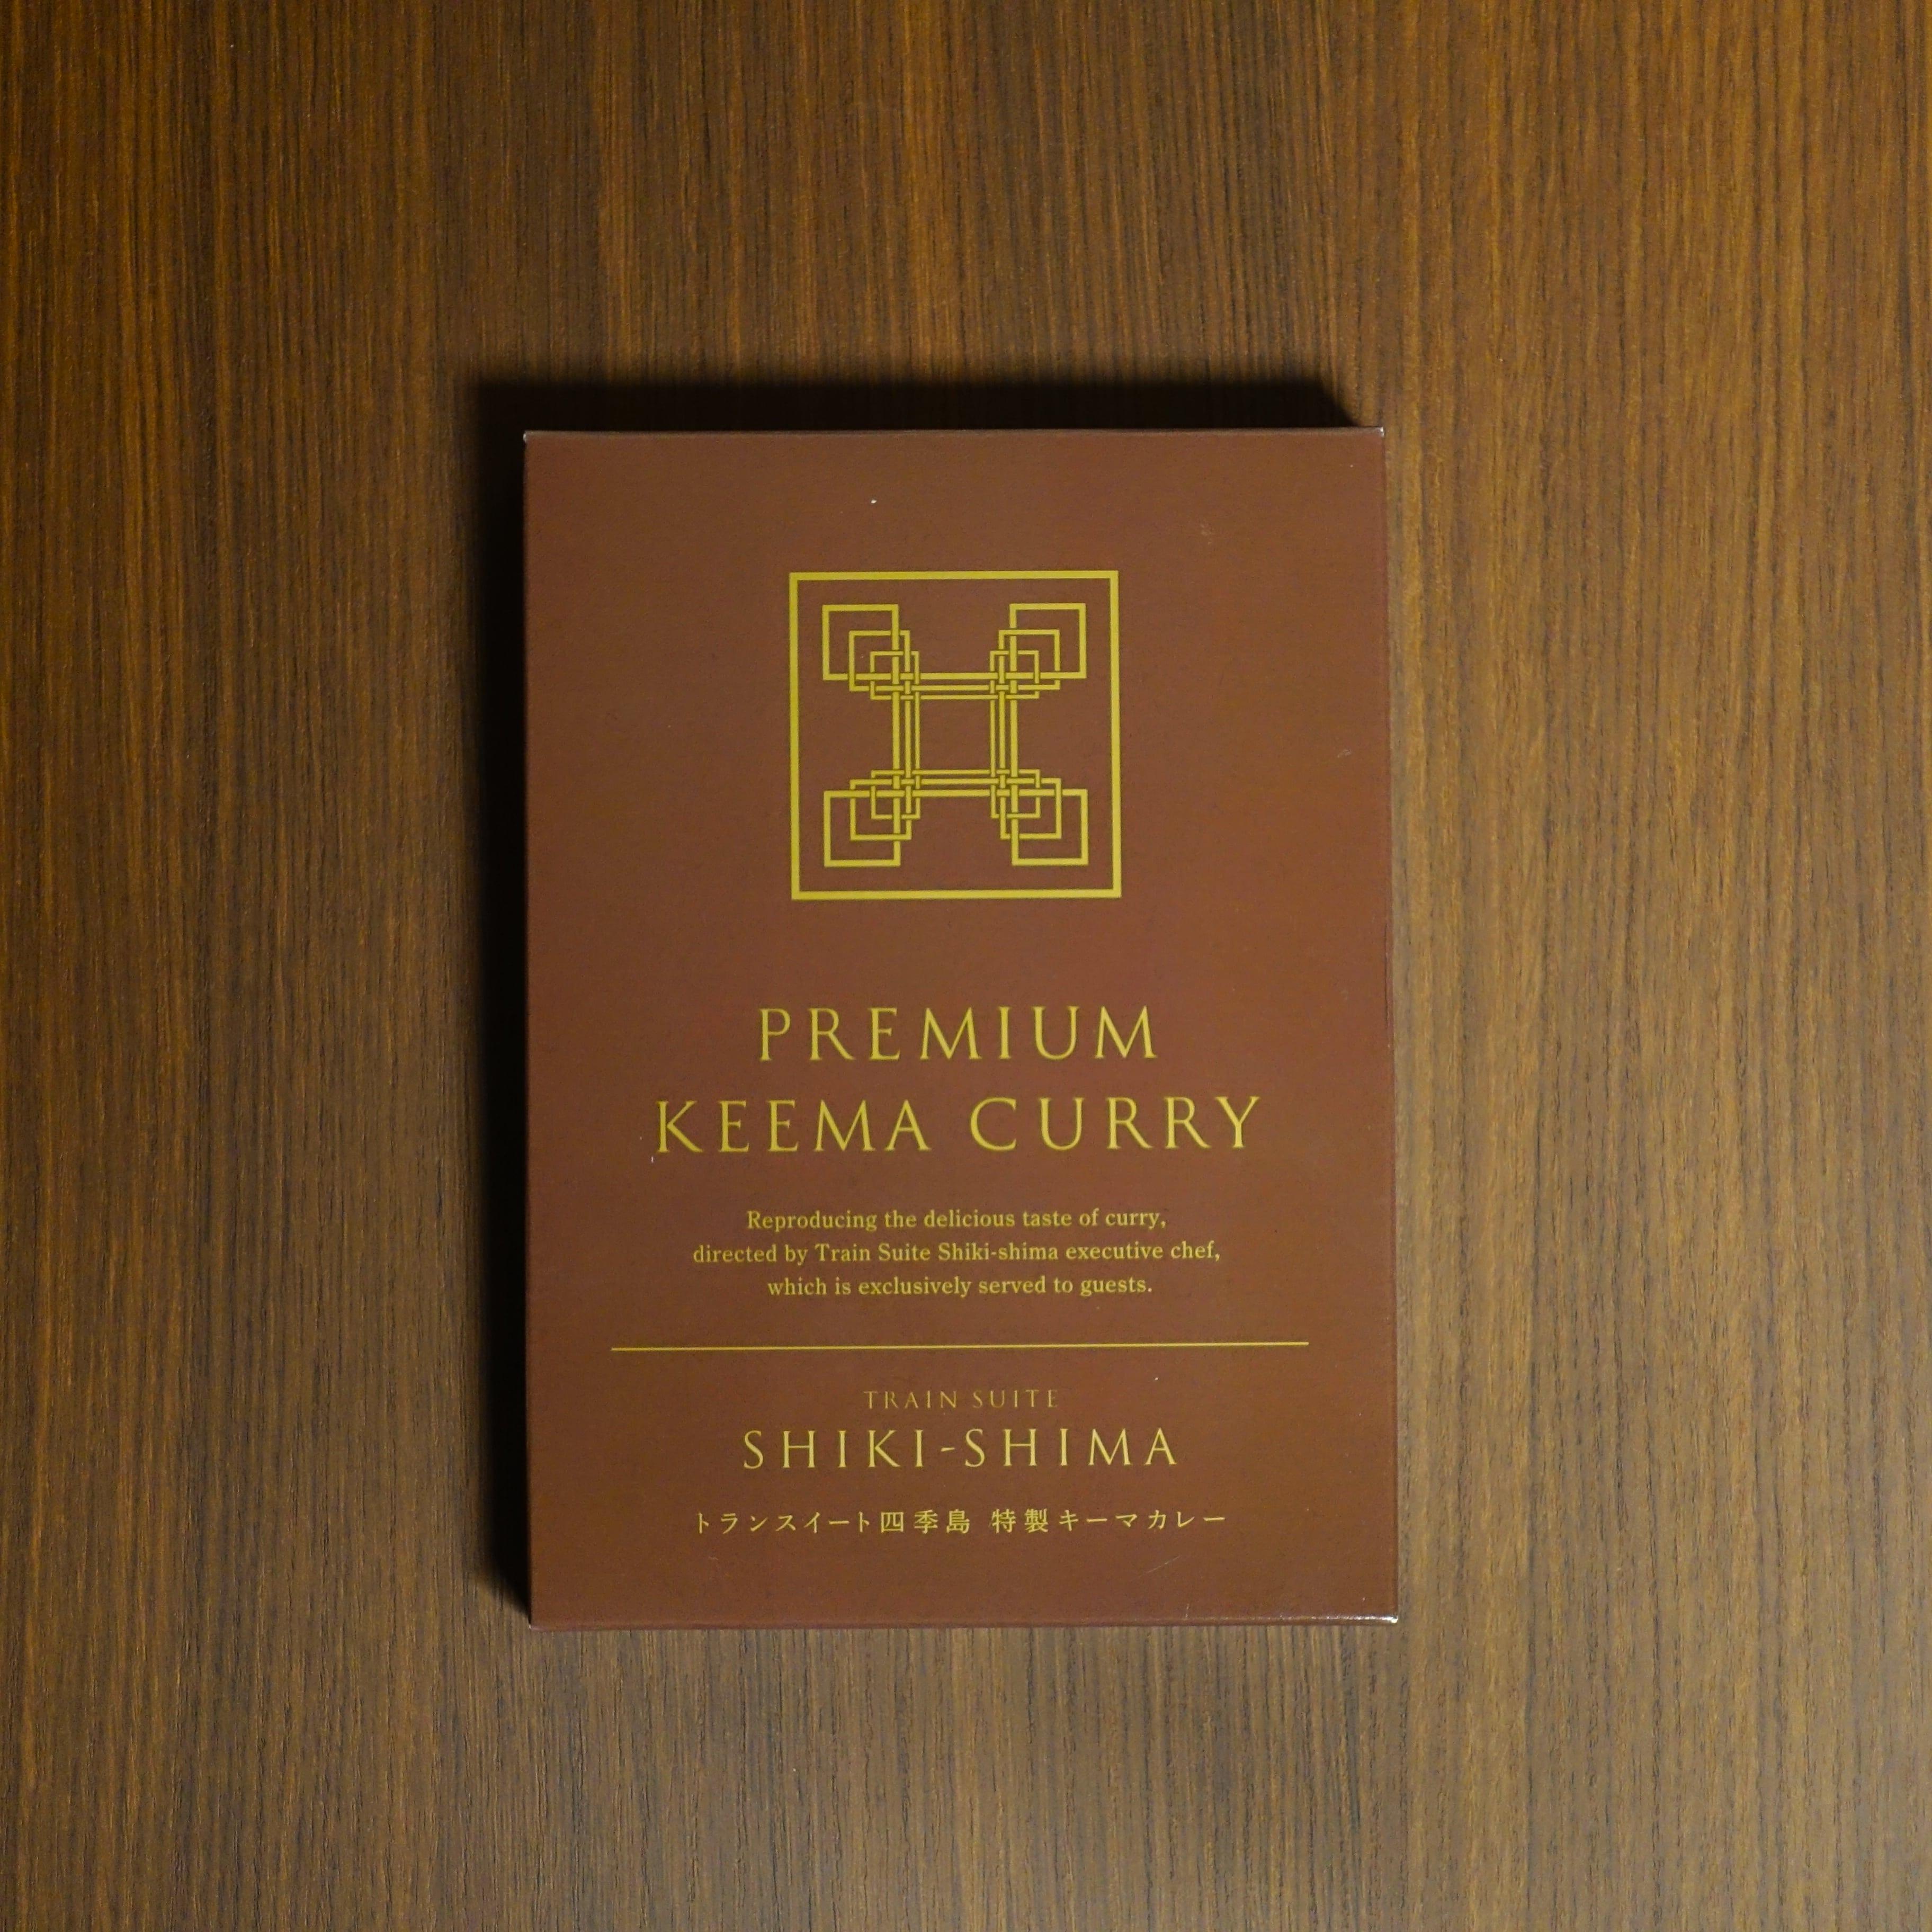 四季島 特製キーマカレー